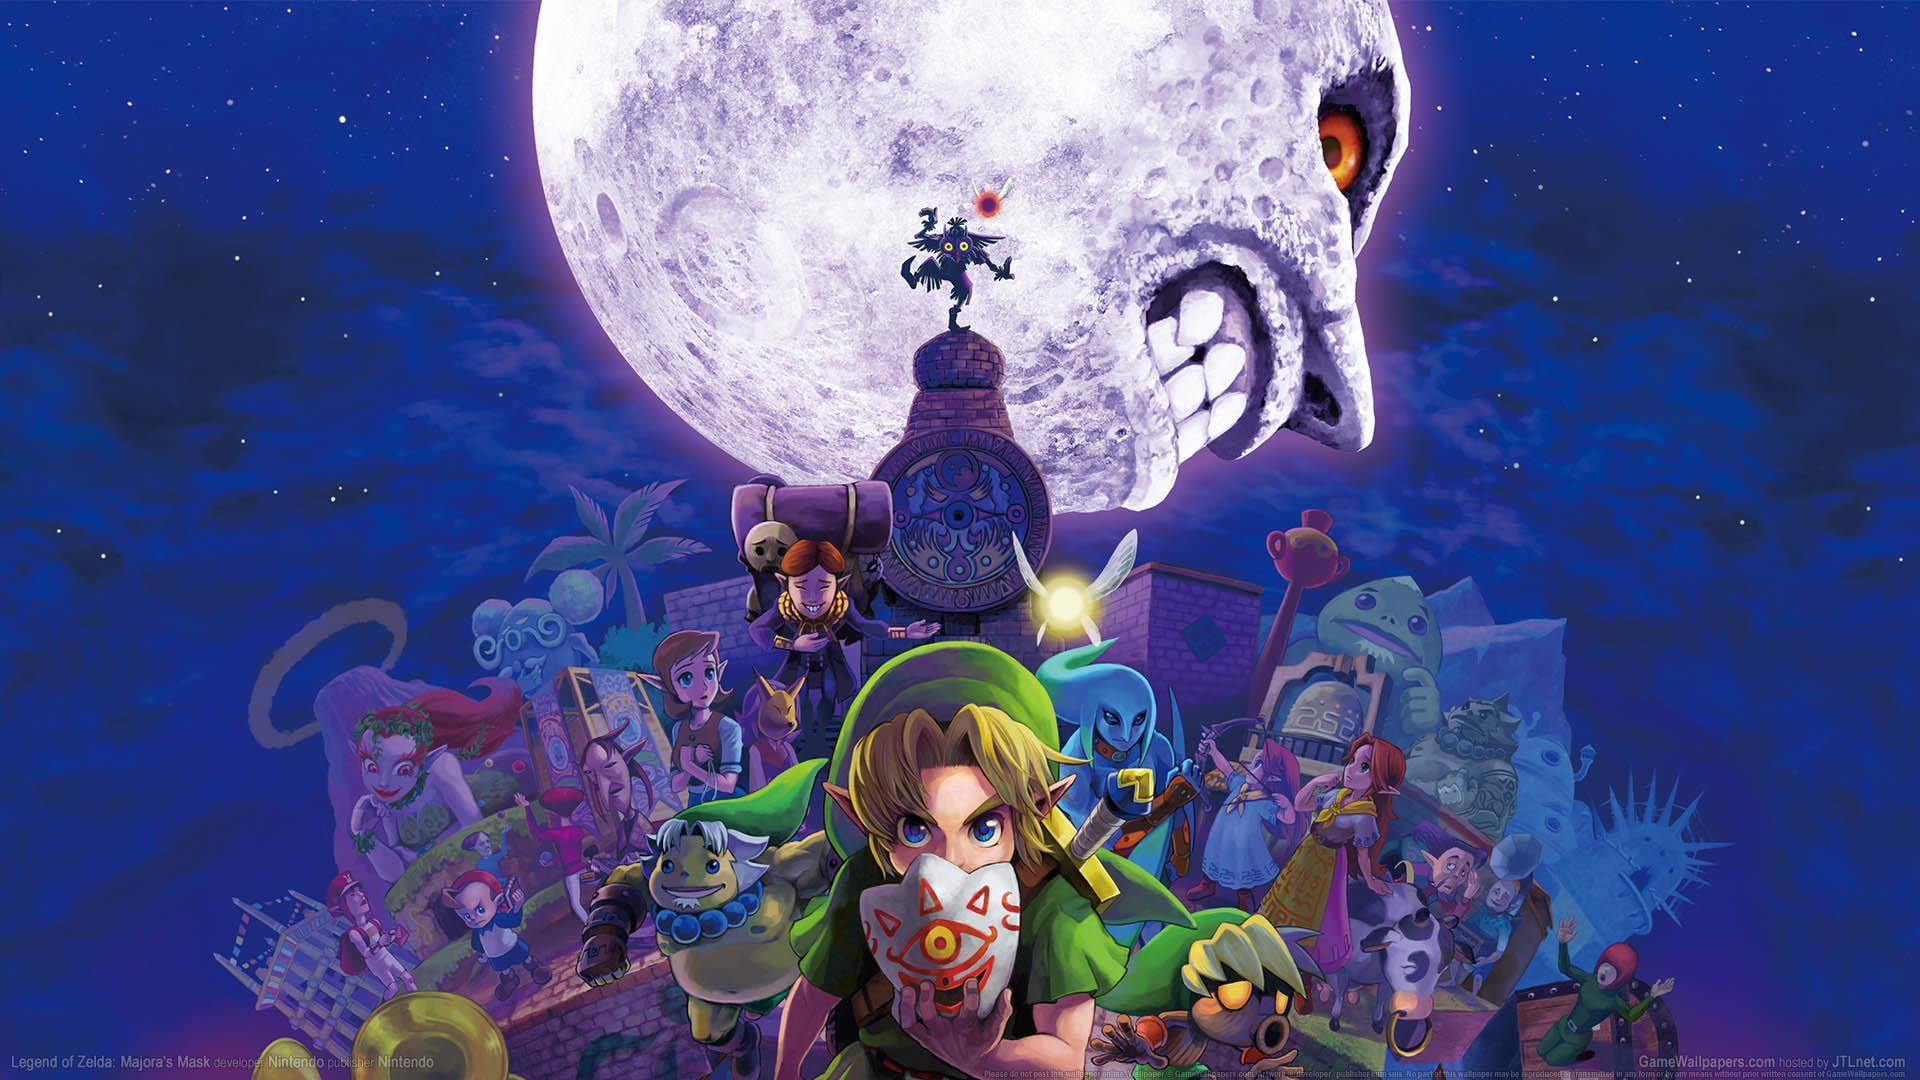 Legend of Zelda: Majora's Mask wallpaper 01 1920x1080